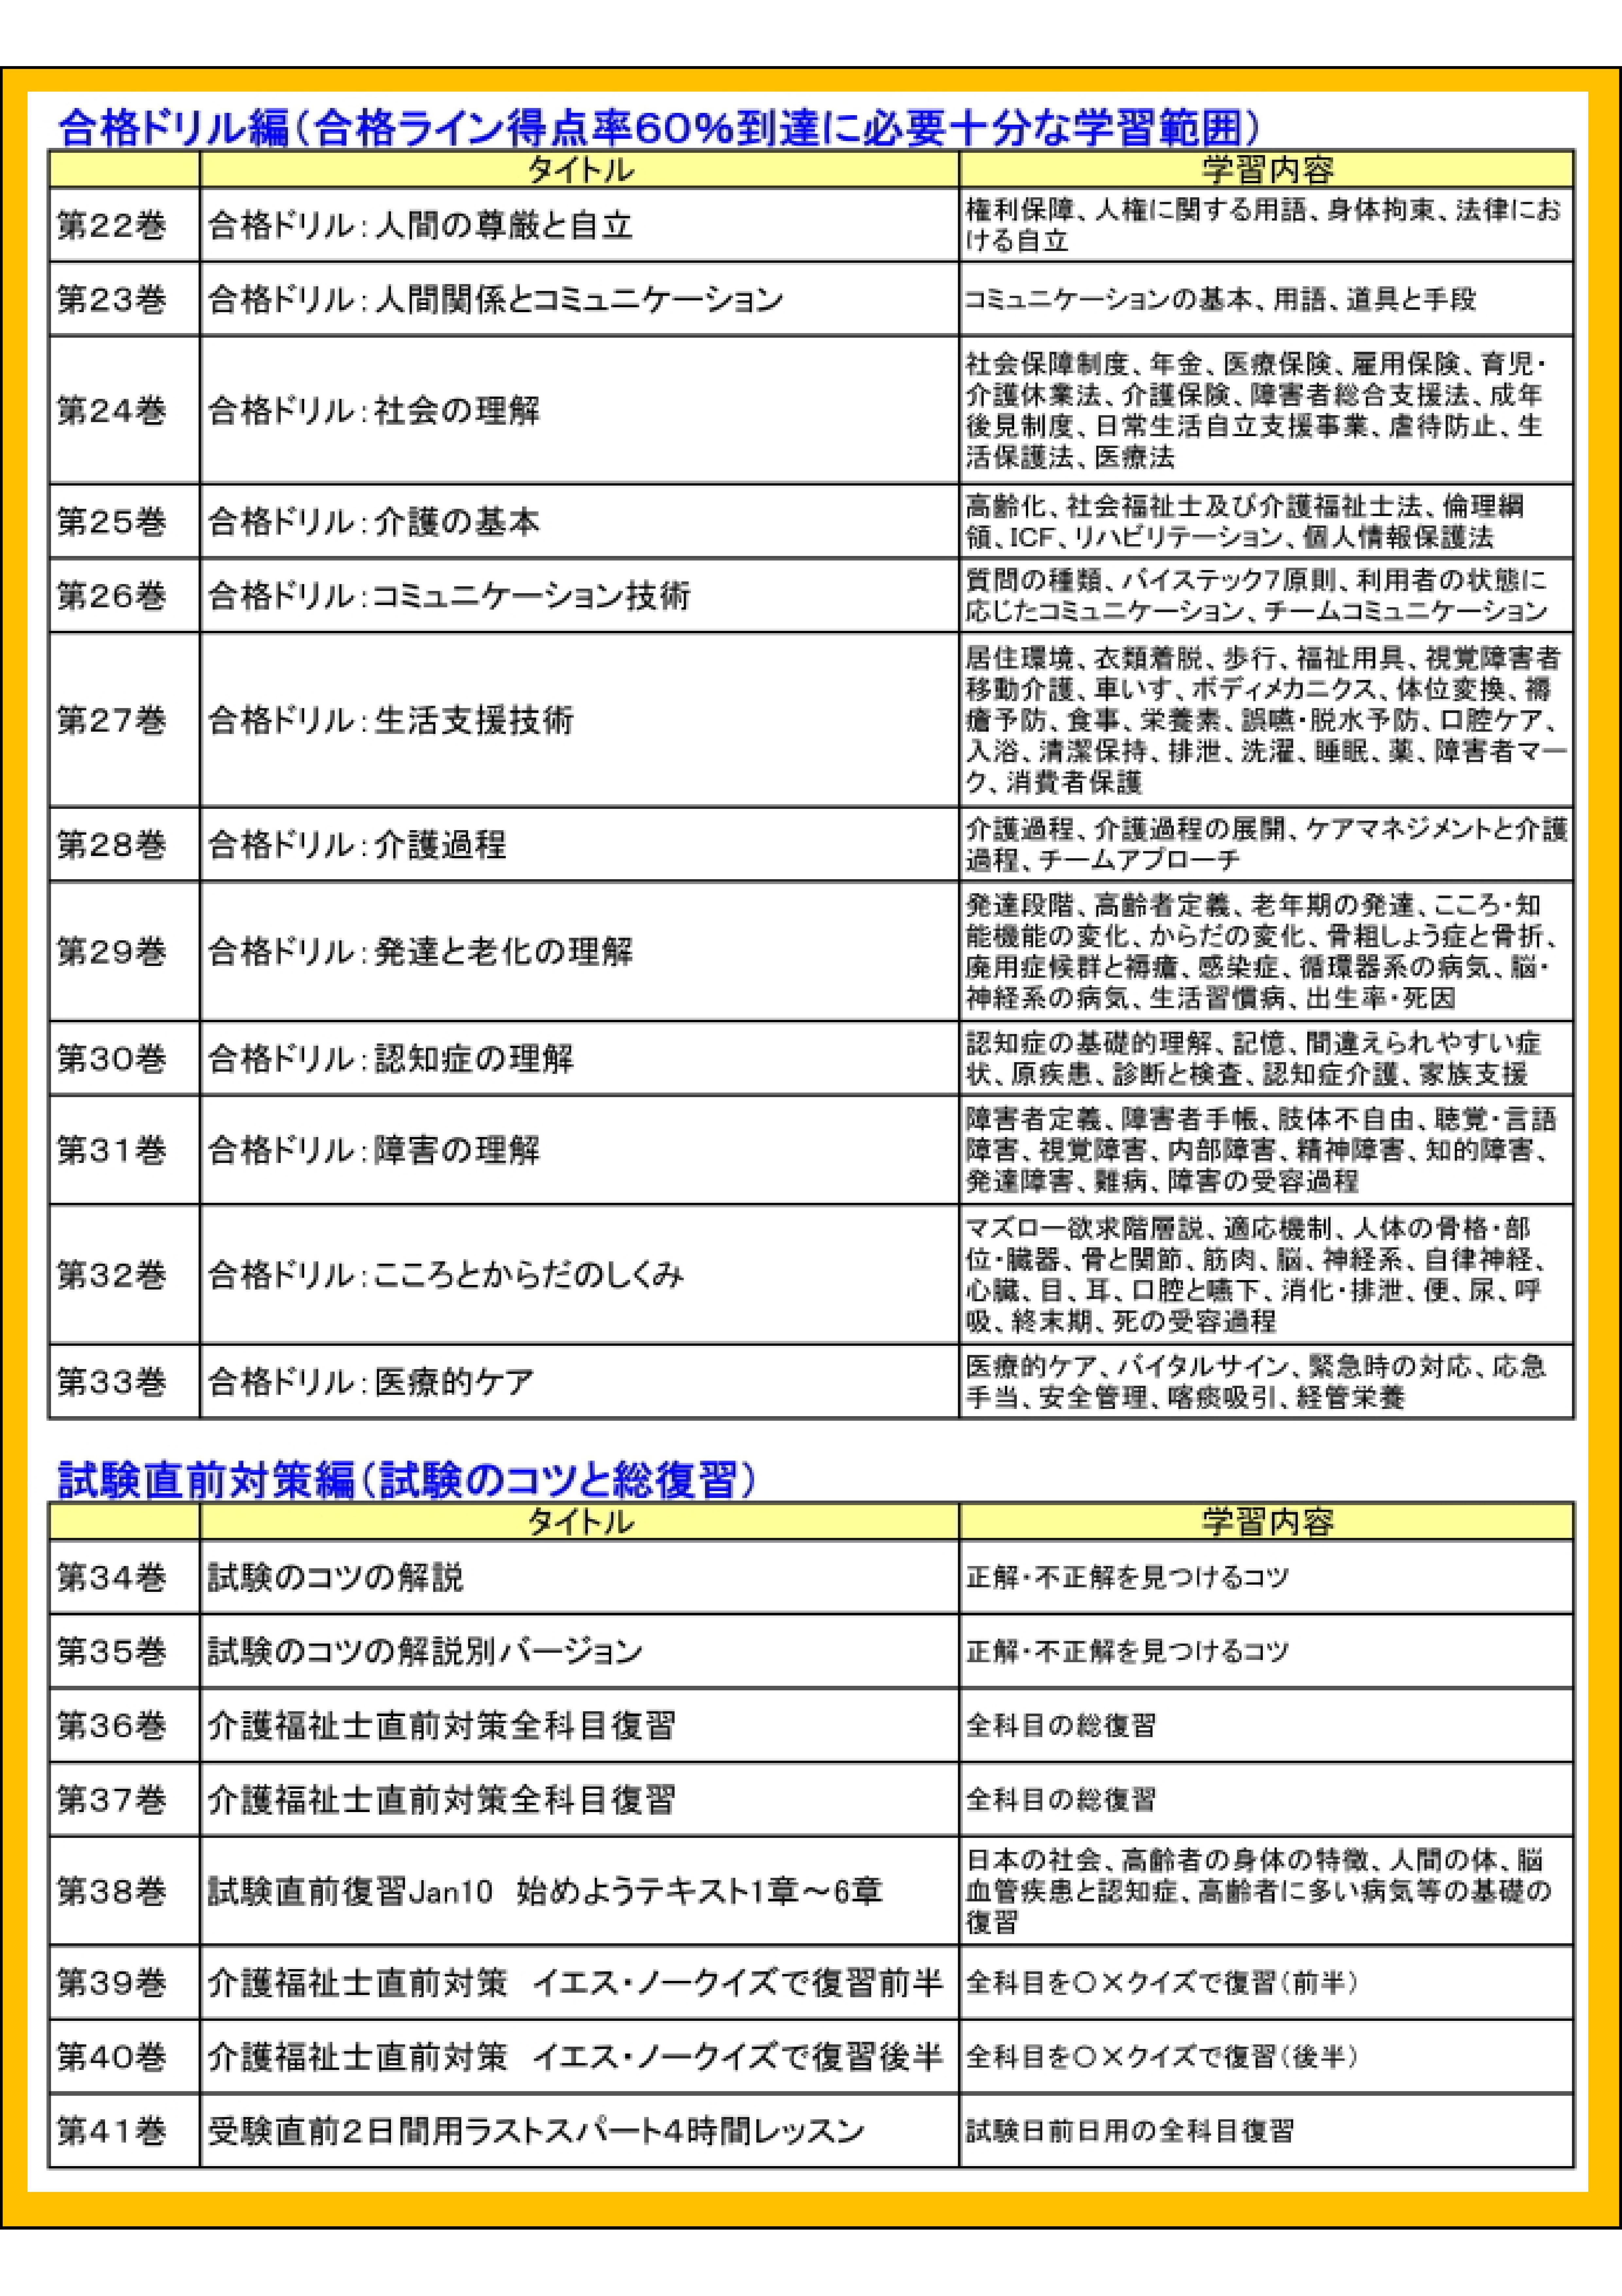 介護 解答 第 試験 回 福祉 士 速報 国家 33